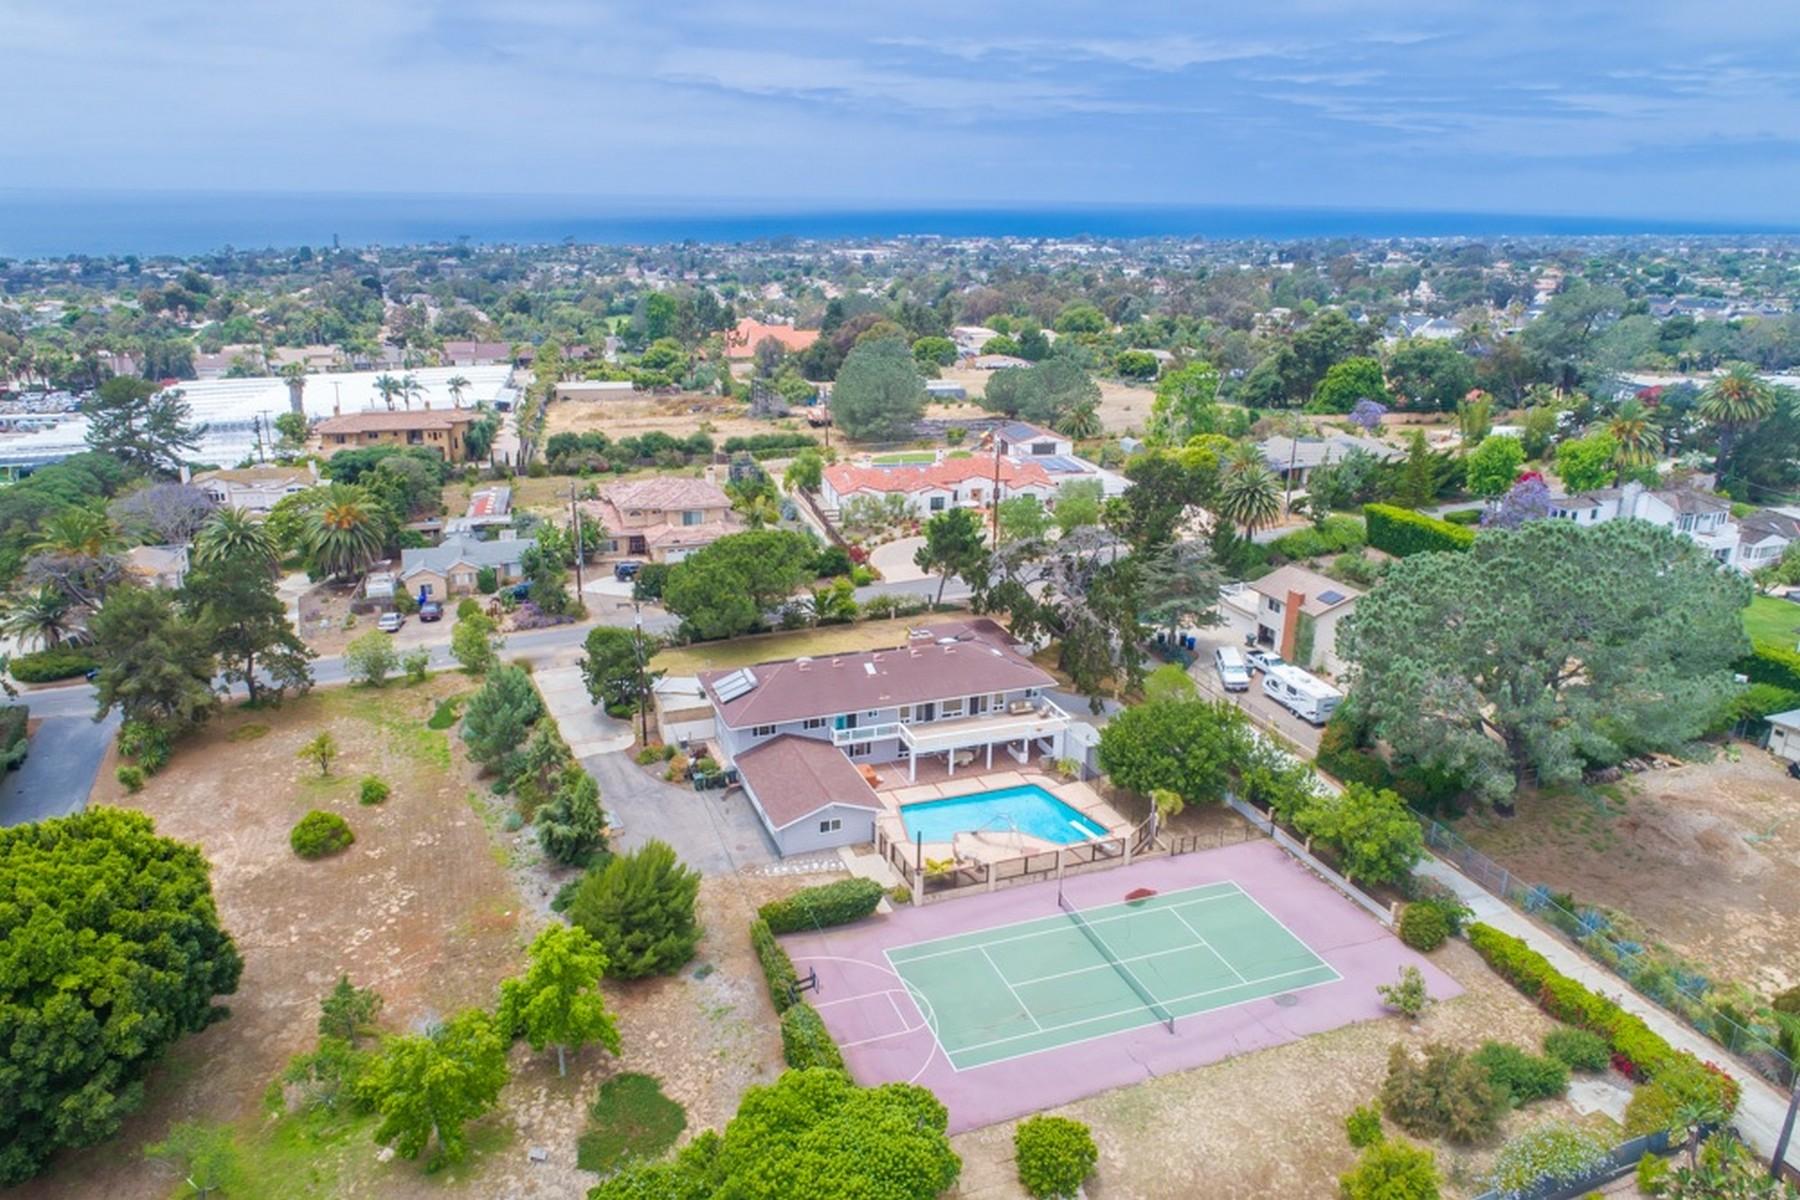 Villa per Vendita alle ore 1485 Crest Drive Encinitas, California, 92024 Stati Uniti